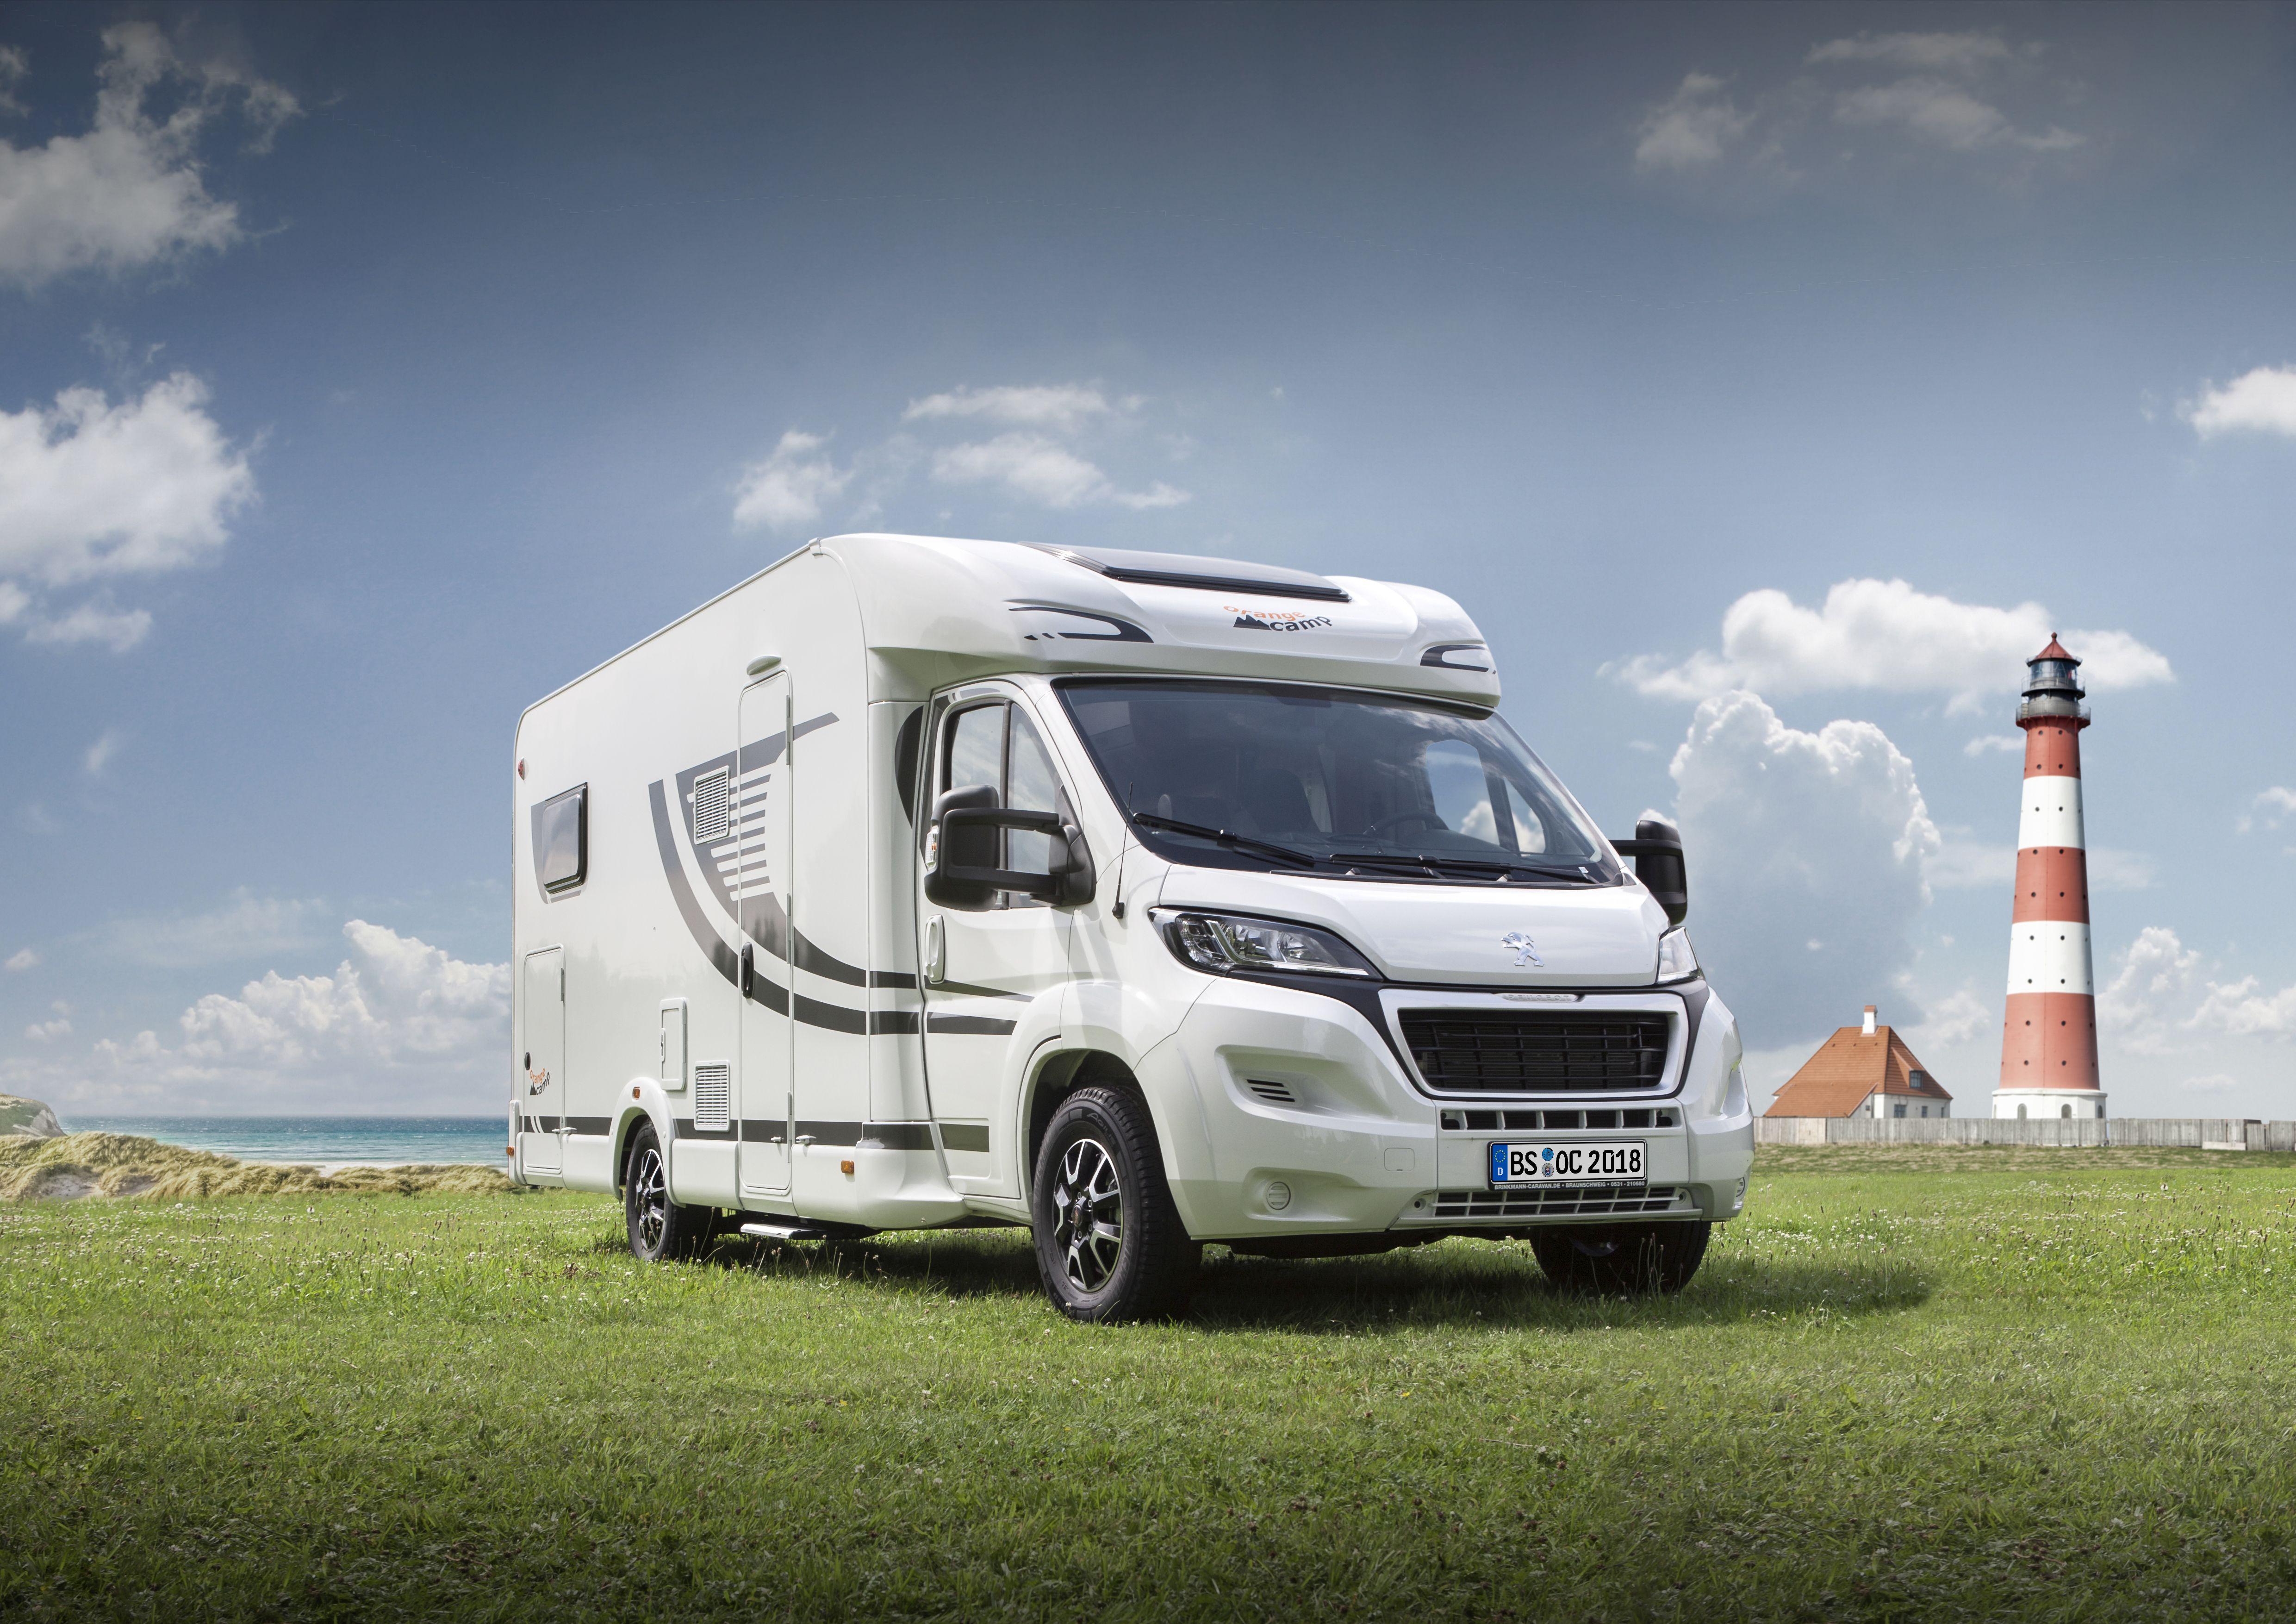 caravan-salon: peugeot zeigt neue reisemobile – die testfahrer